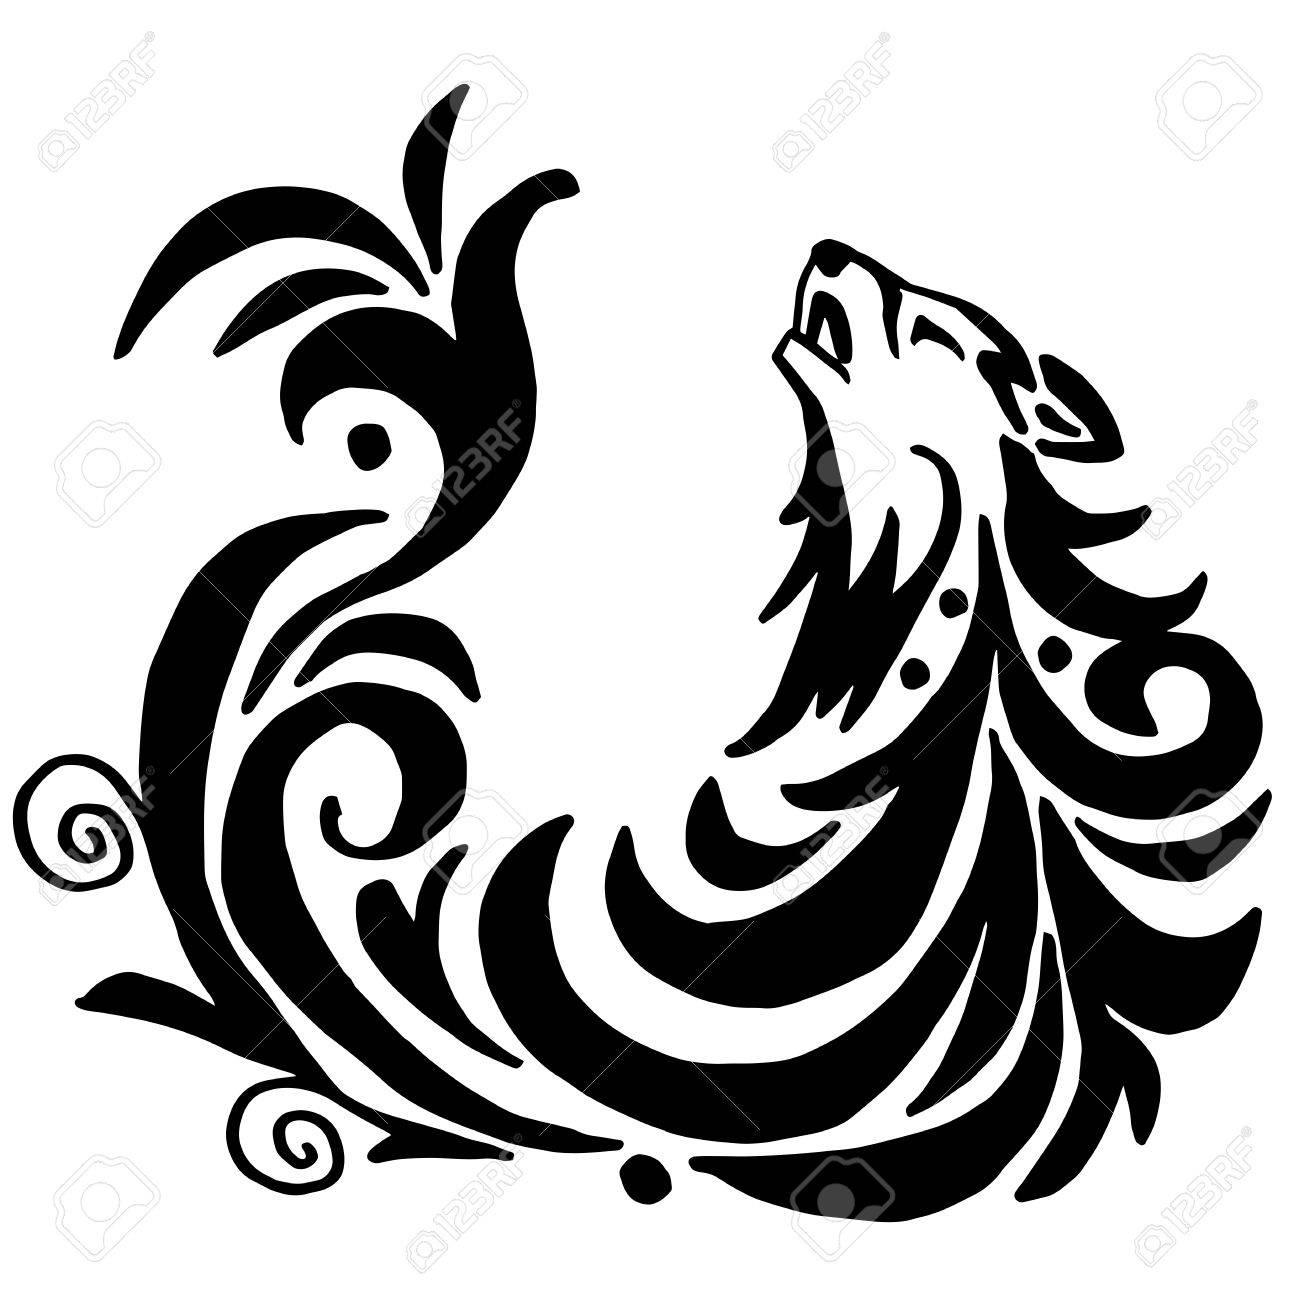 高品質オリジナル狼タトゥー イラスト白背景に分離のイラスト素材